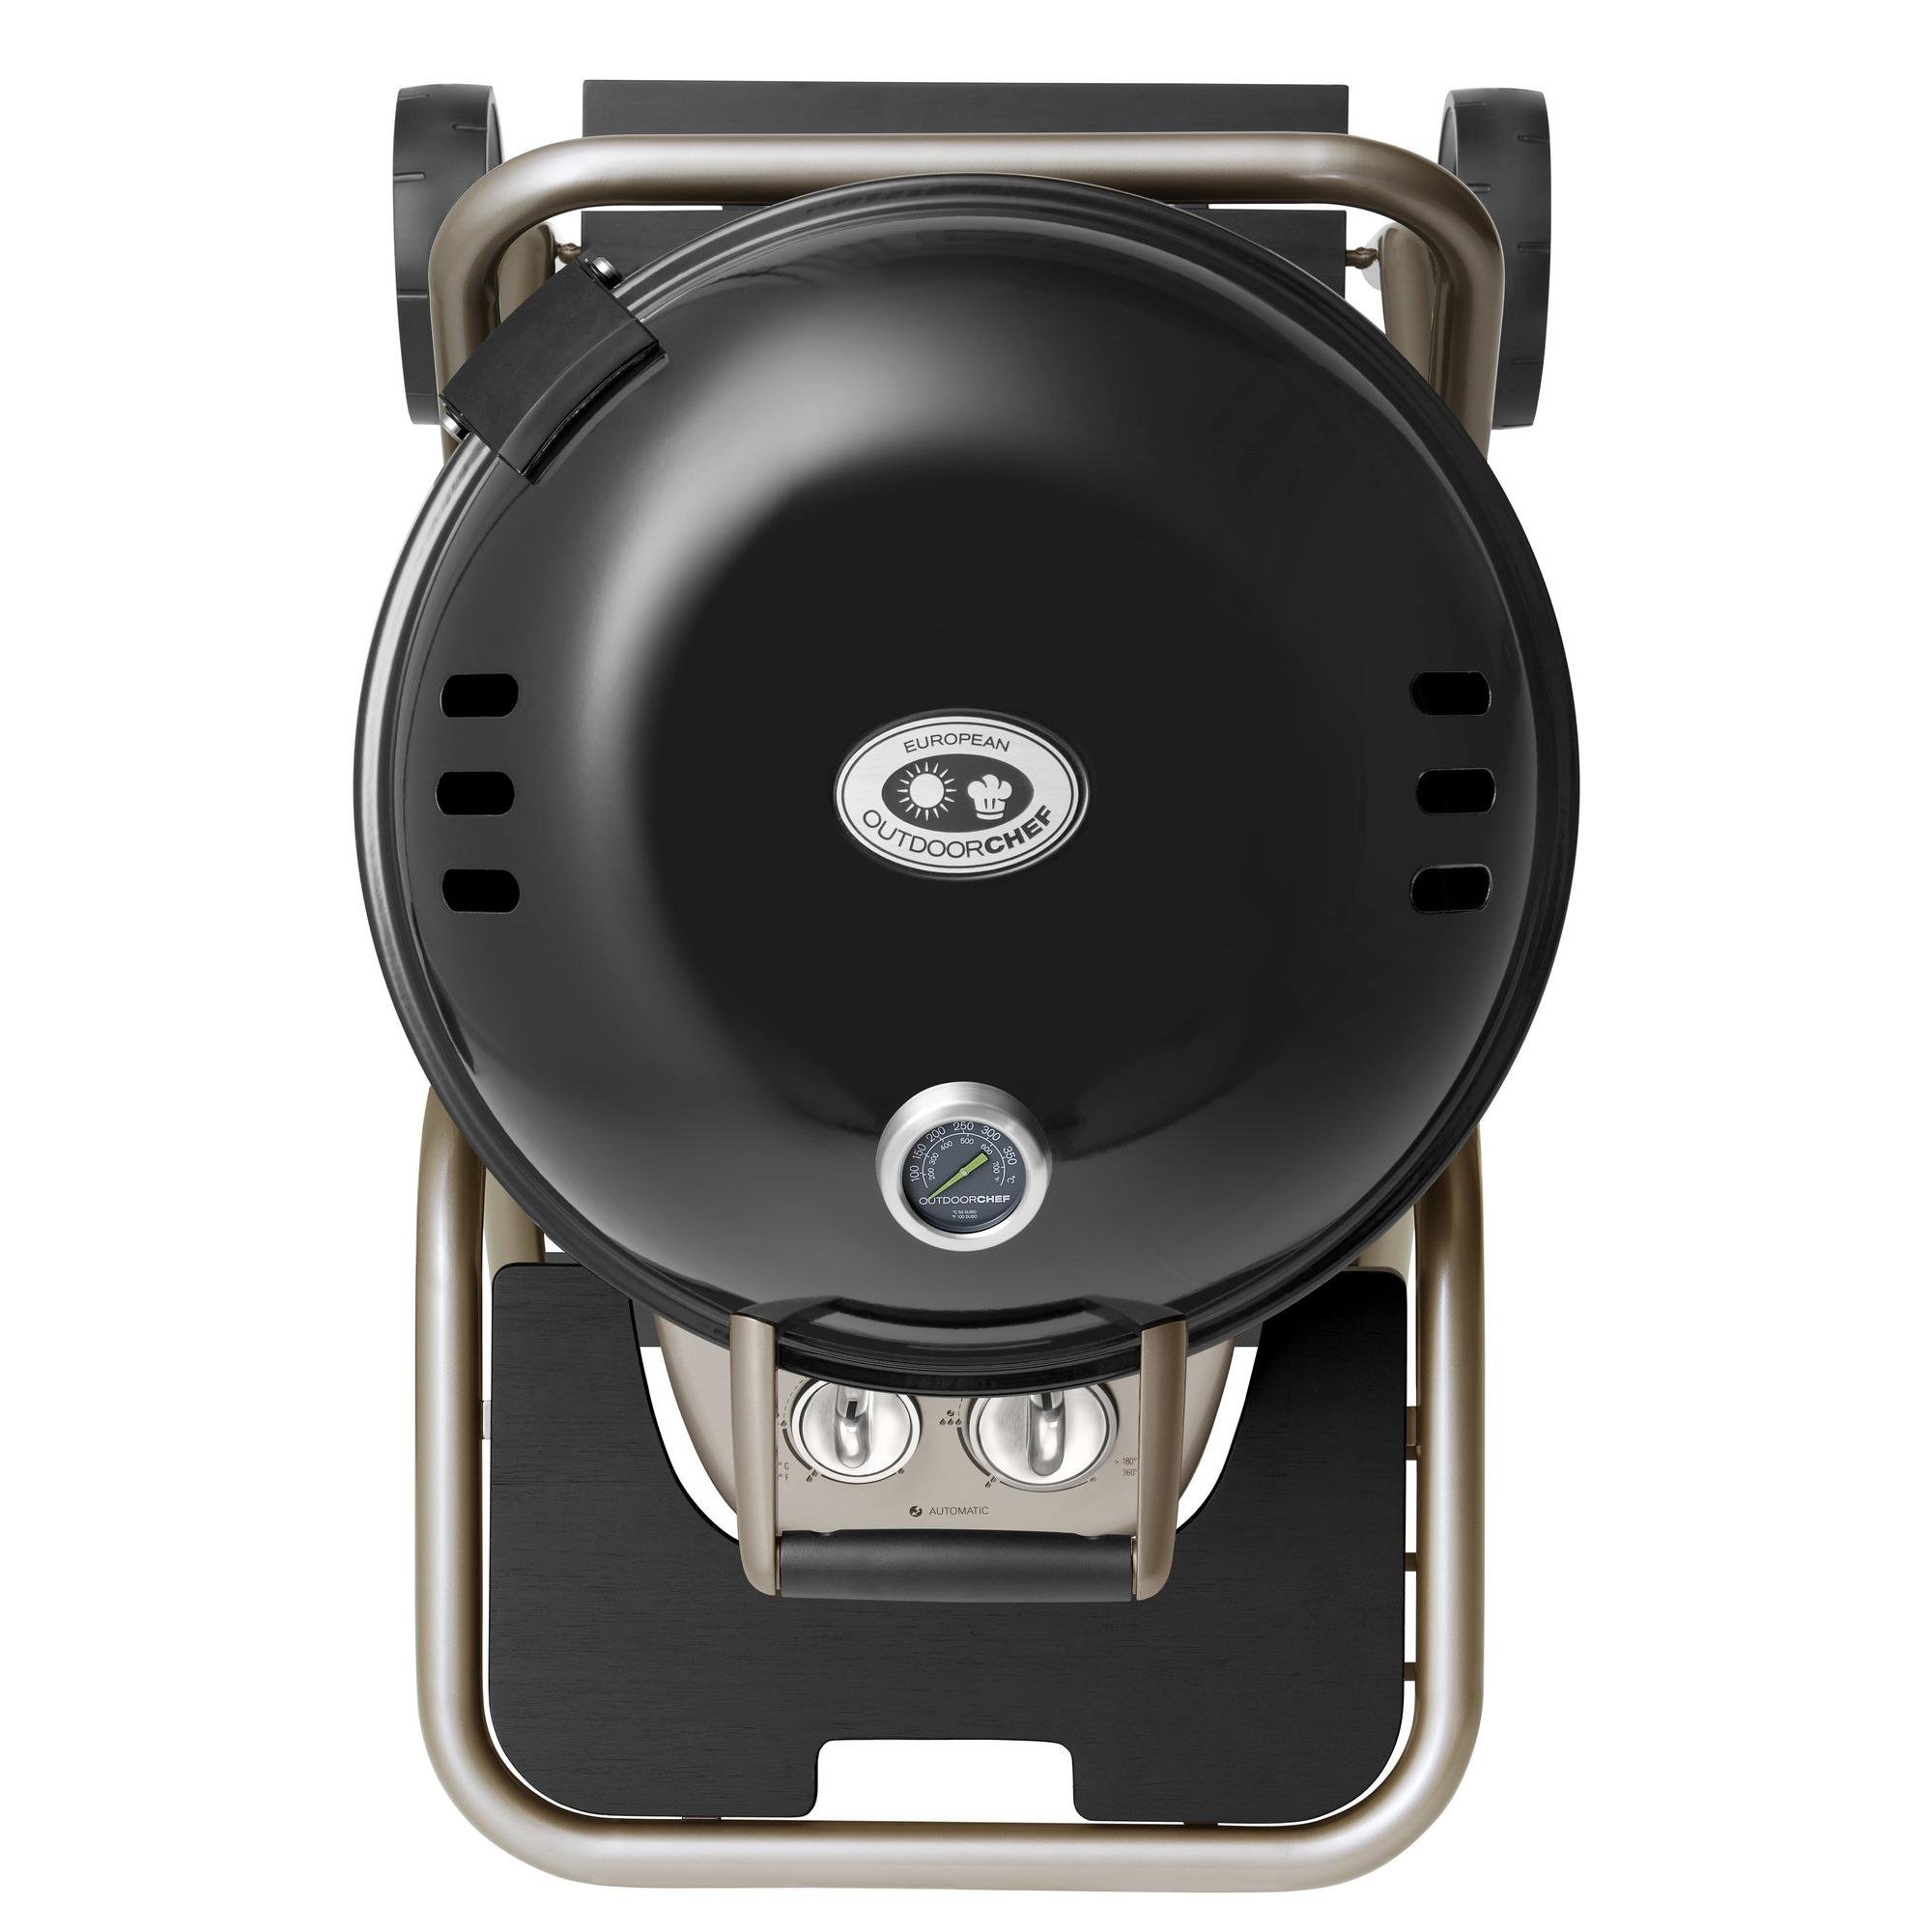 ascona 570 g gasgrill sort fra outdoorchef gratis levering. Black Bedroom Furniture Sets. Home Design Ideas